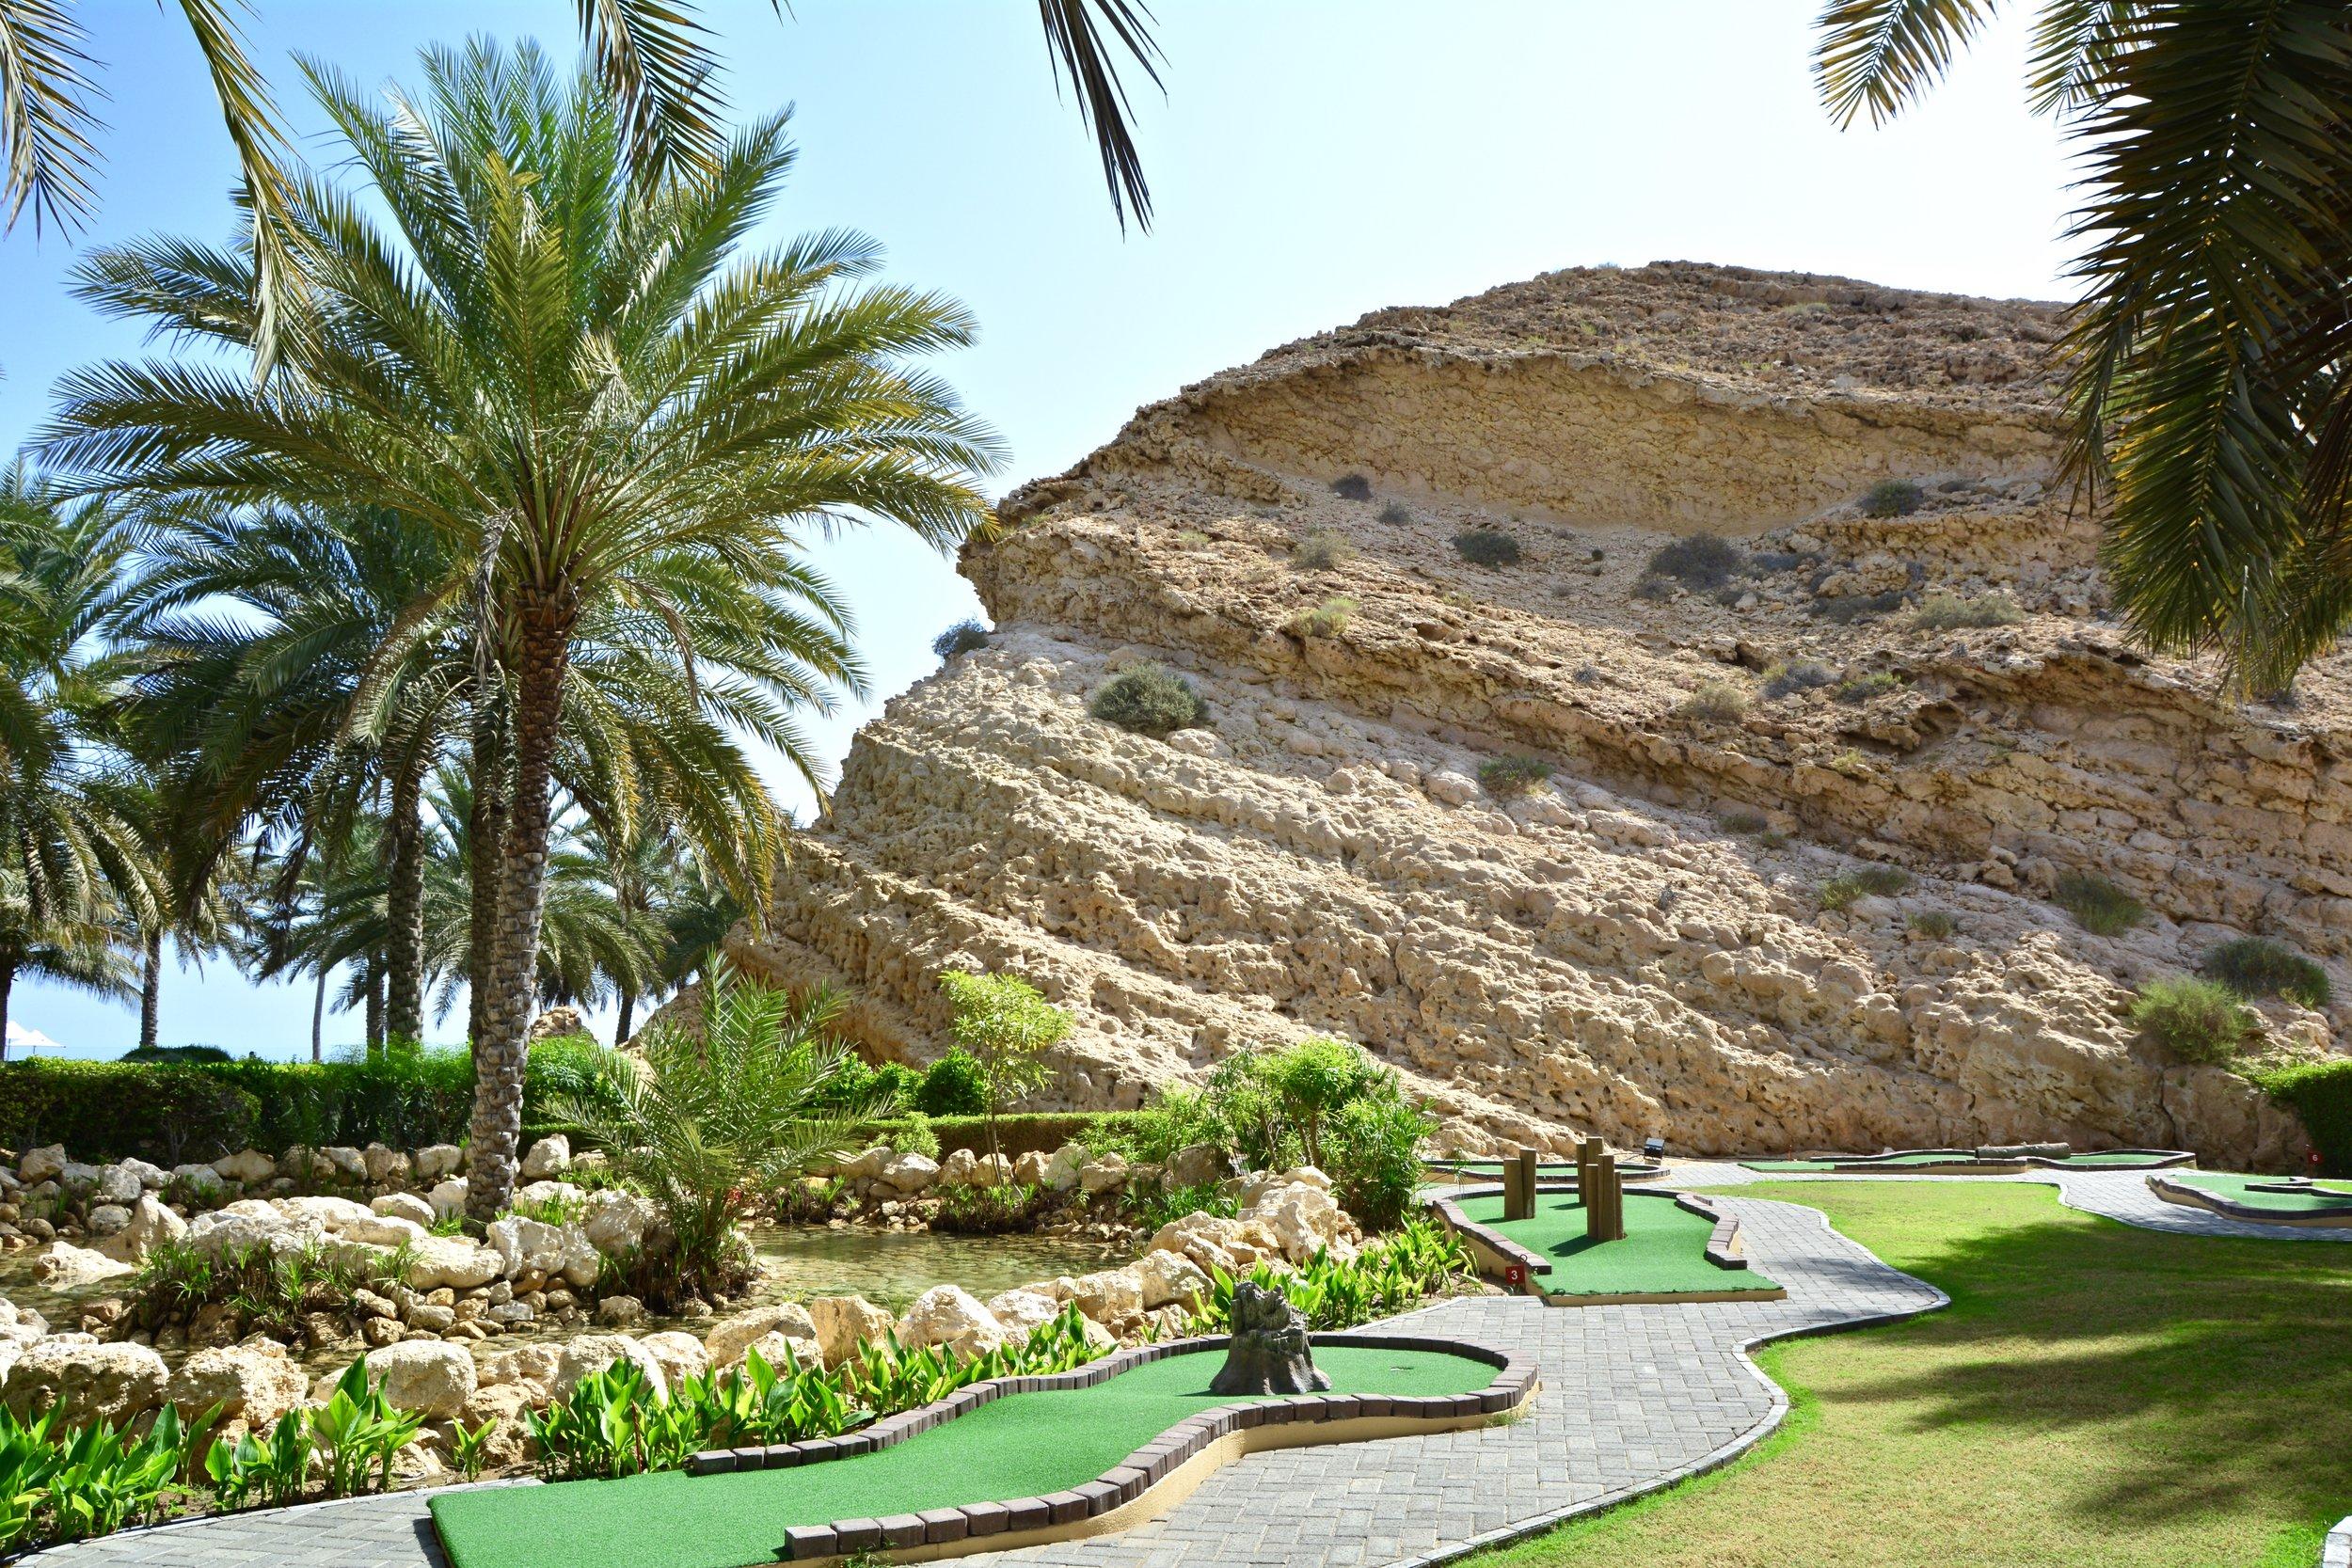 Al Bandar - Mini Golf Course (Shangri-La Muscat)